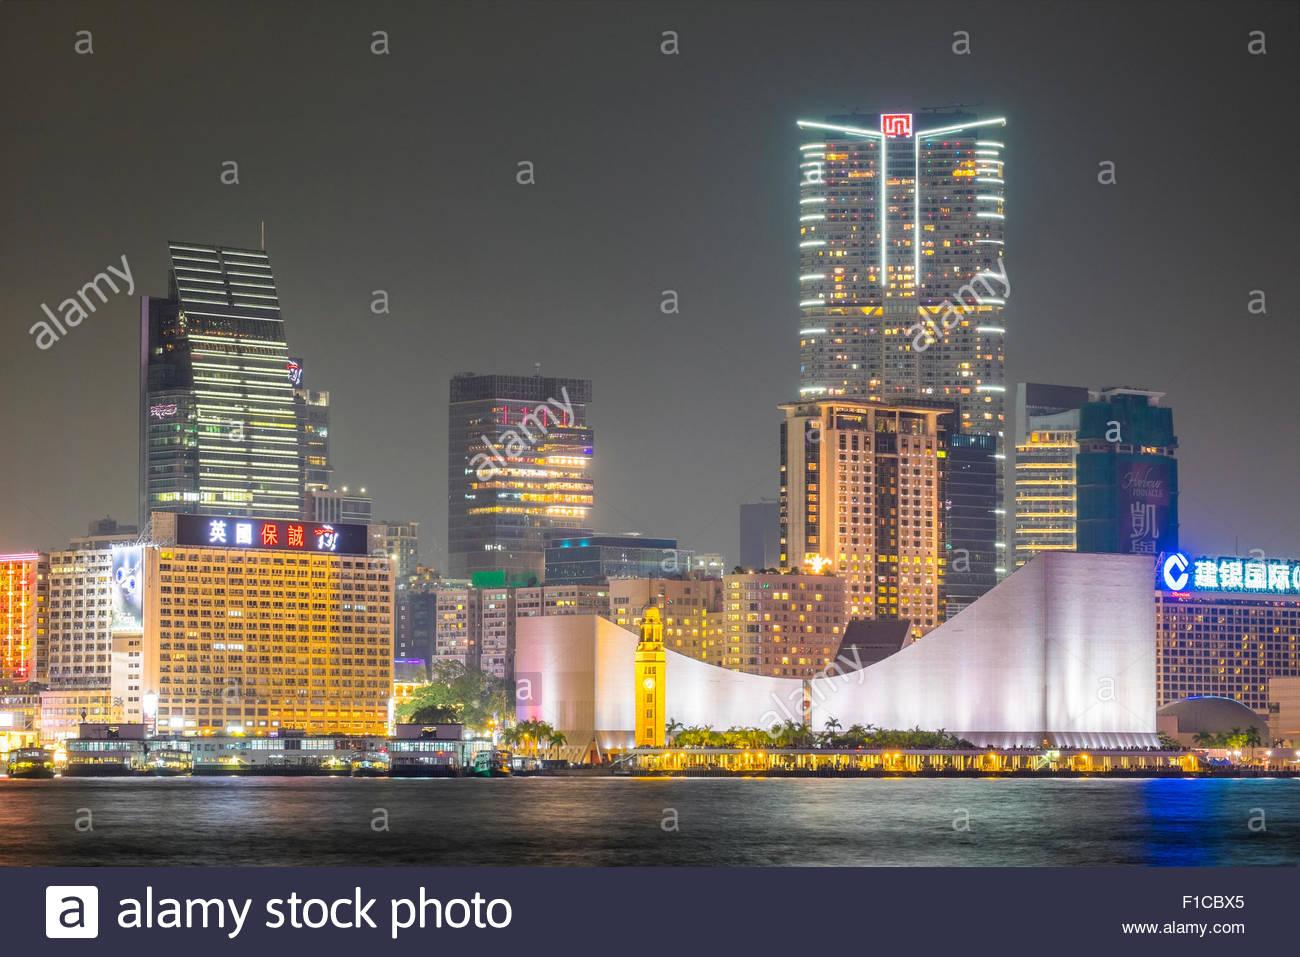 Hong Kong Cultural Centre and Tsim Sha Shui area at night, Kowloon, Hong Kong, China - Stock Image